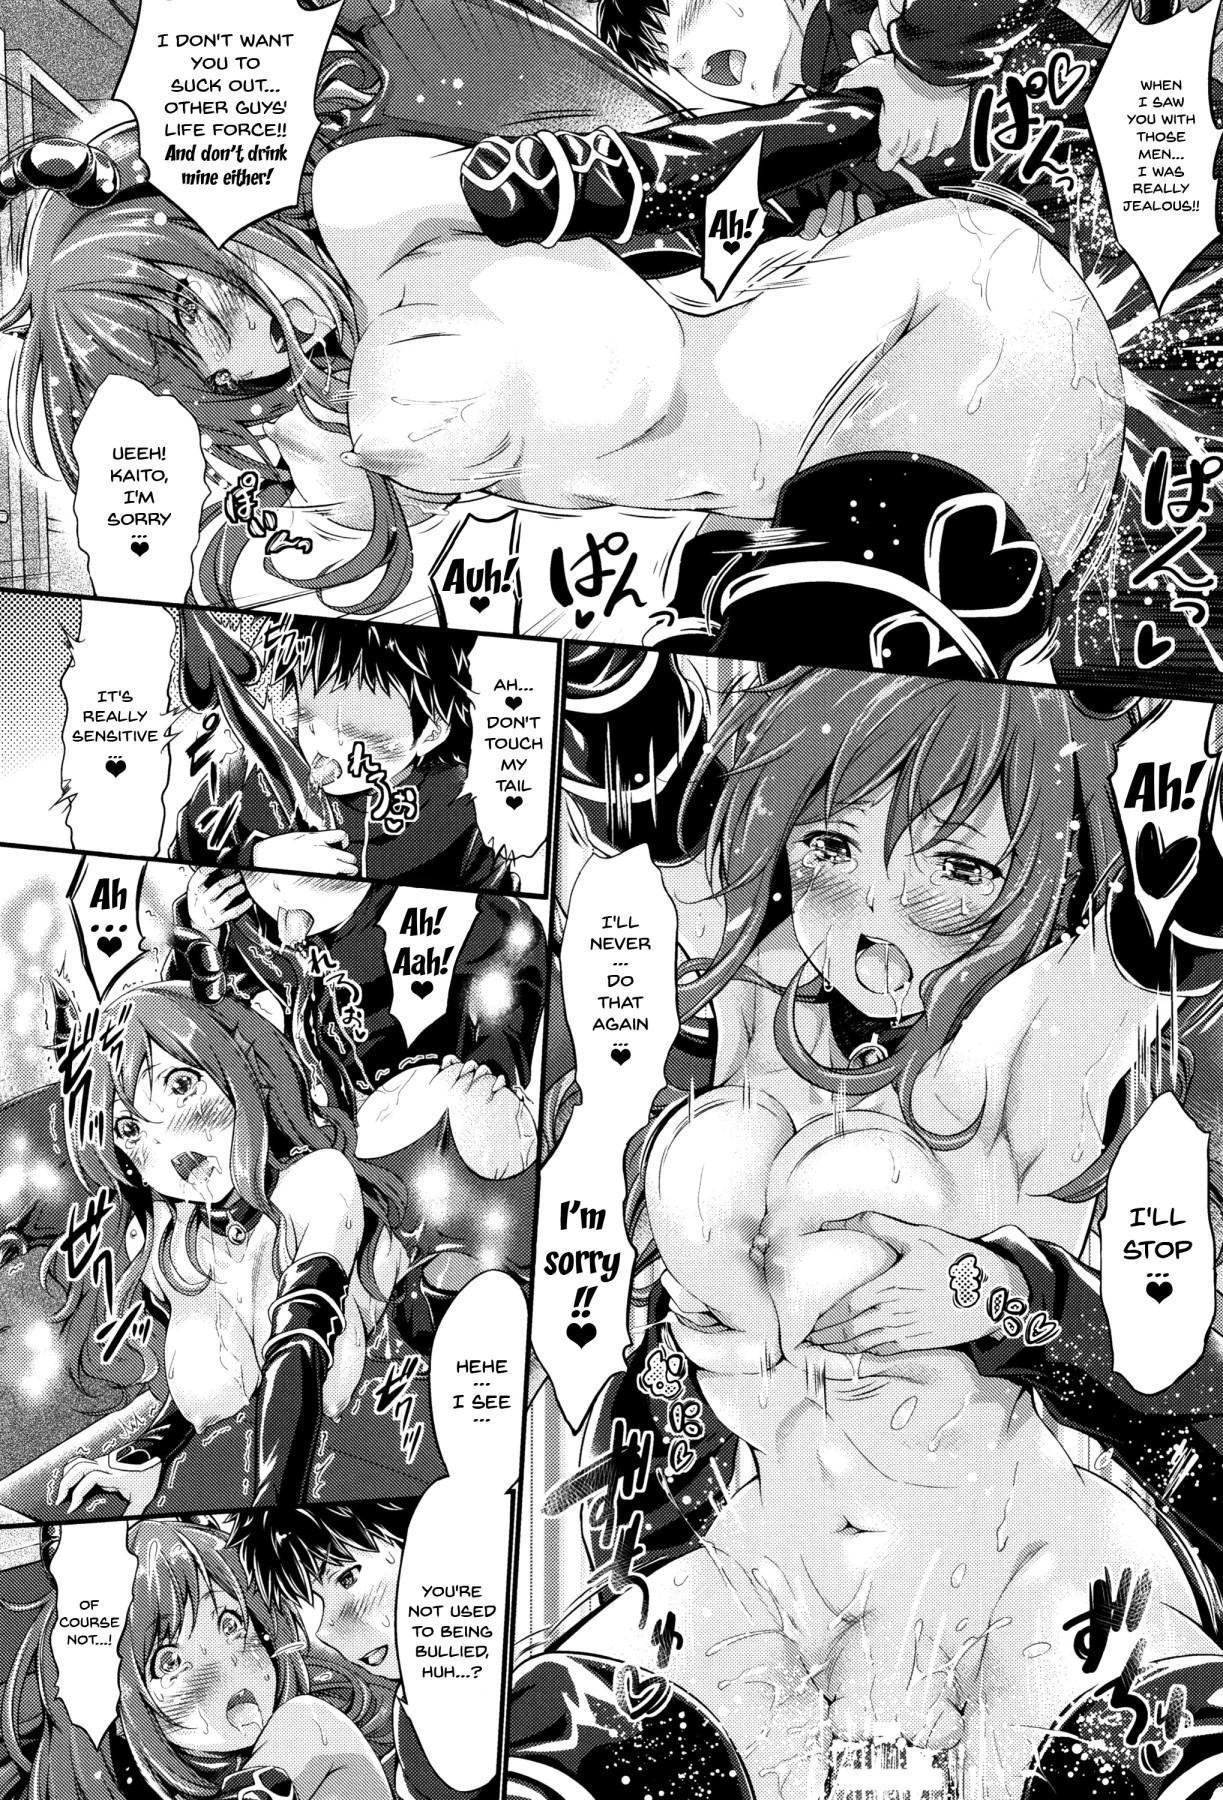 [Kimura Neito] Non-Human Life Ch.1-2 [English] {Doujins.com} 41